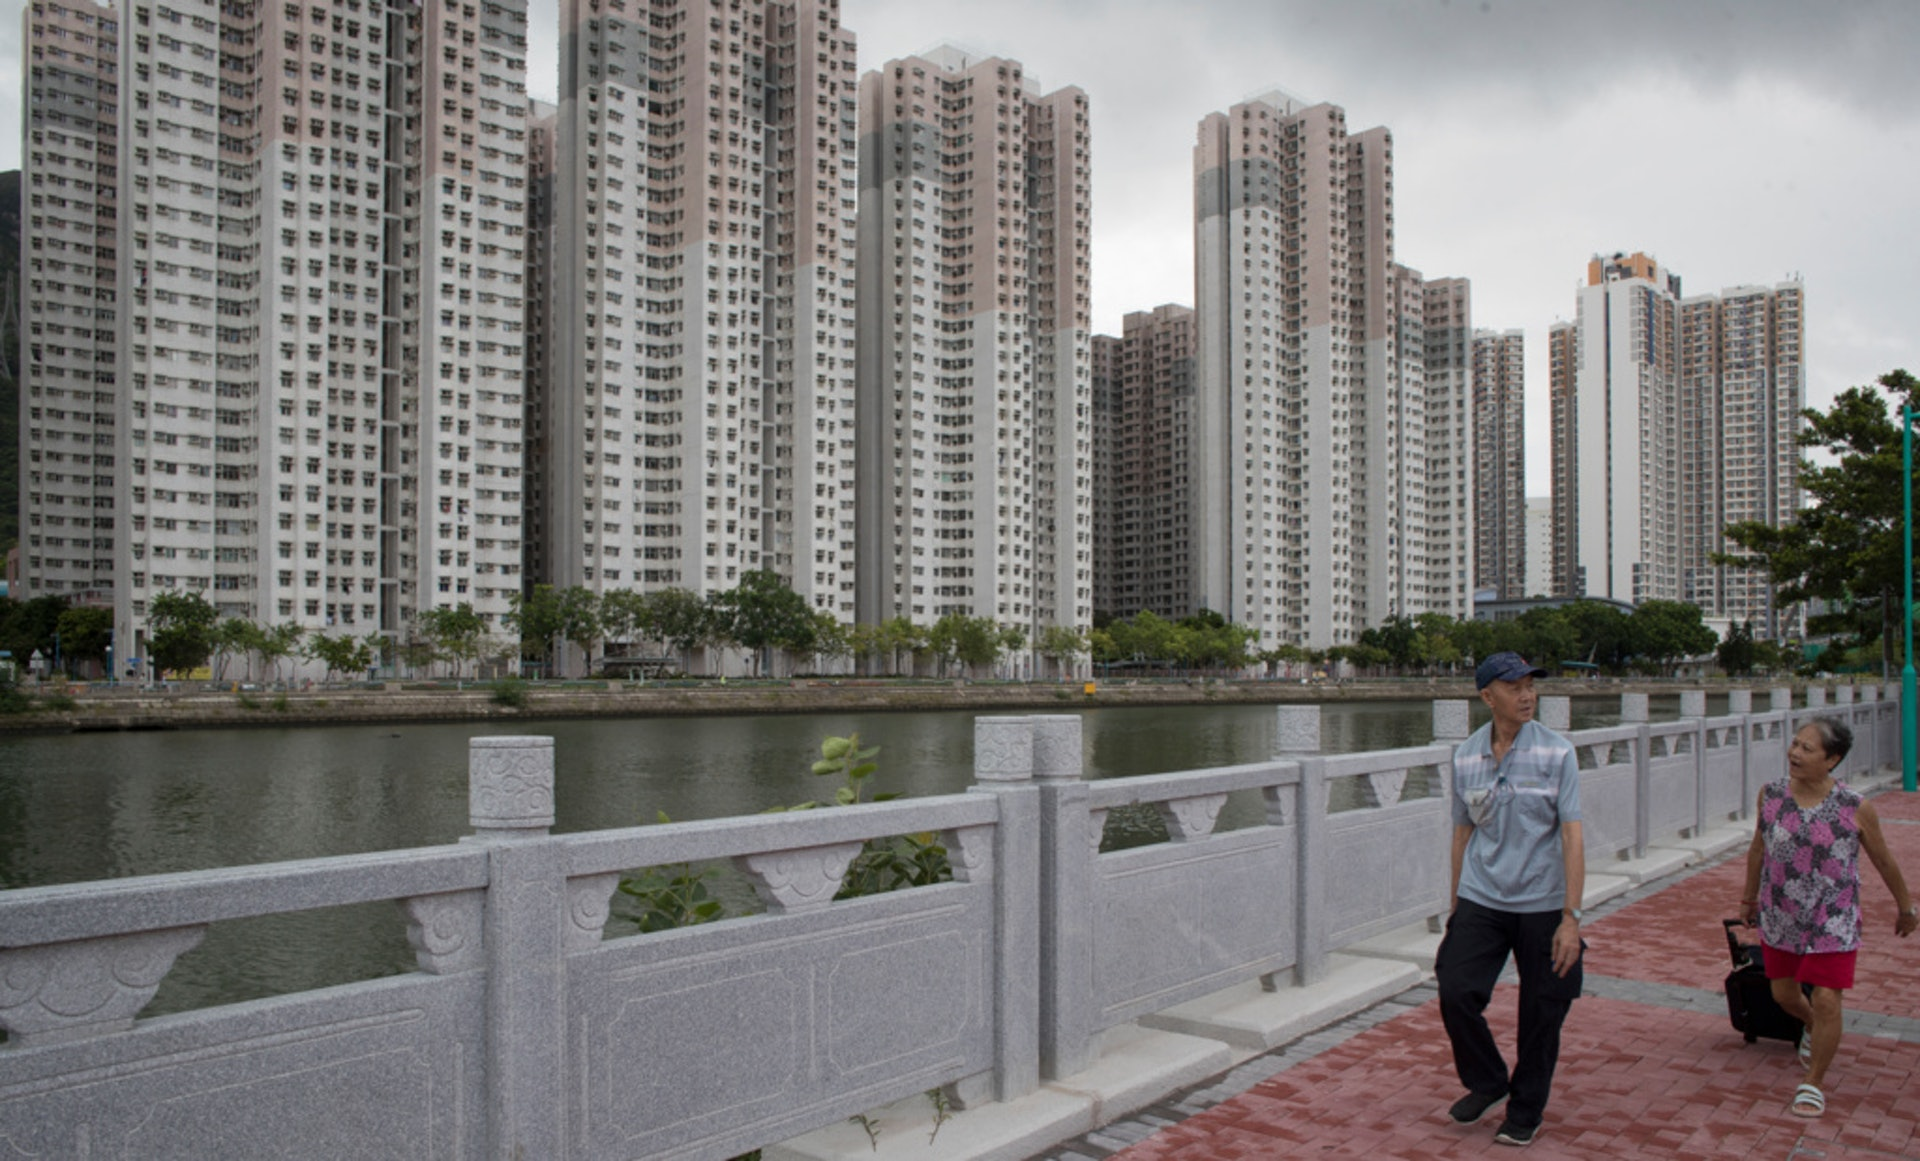 陳家樂認為增加資助房屋的流轉,是對市場有正面作用。(余俊亮攝)